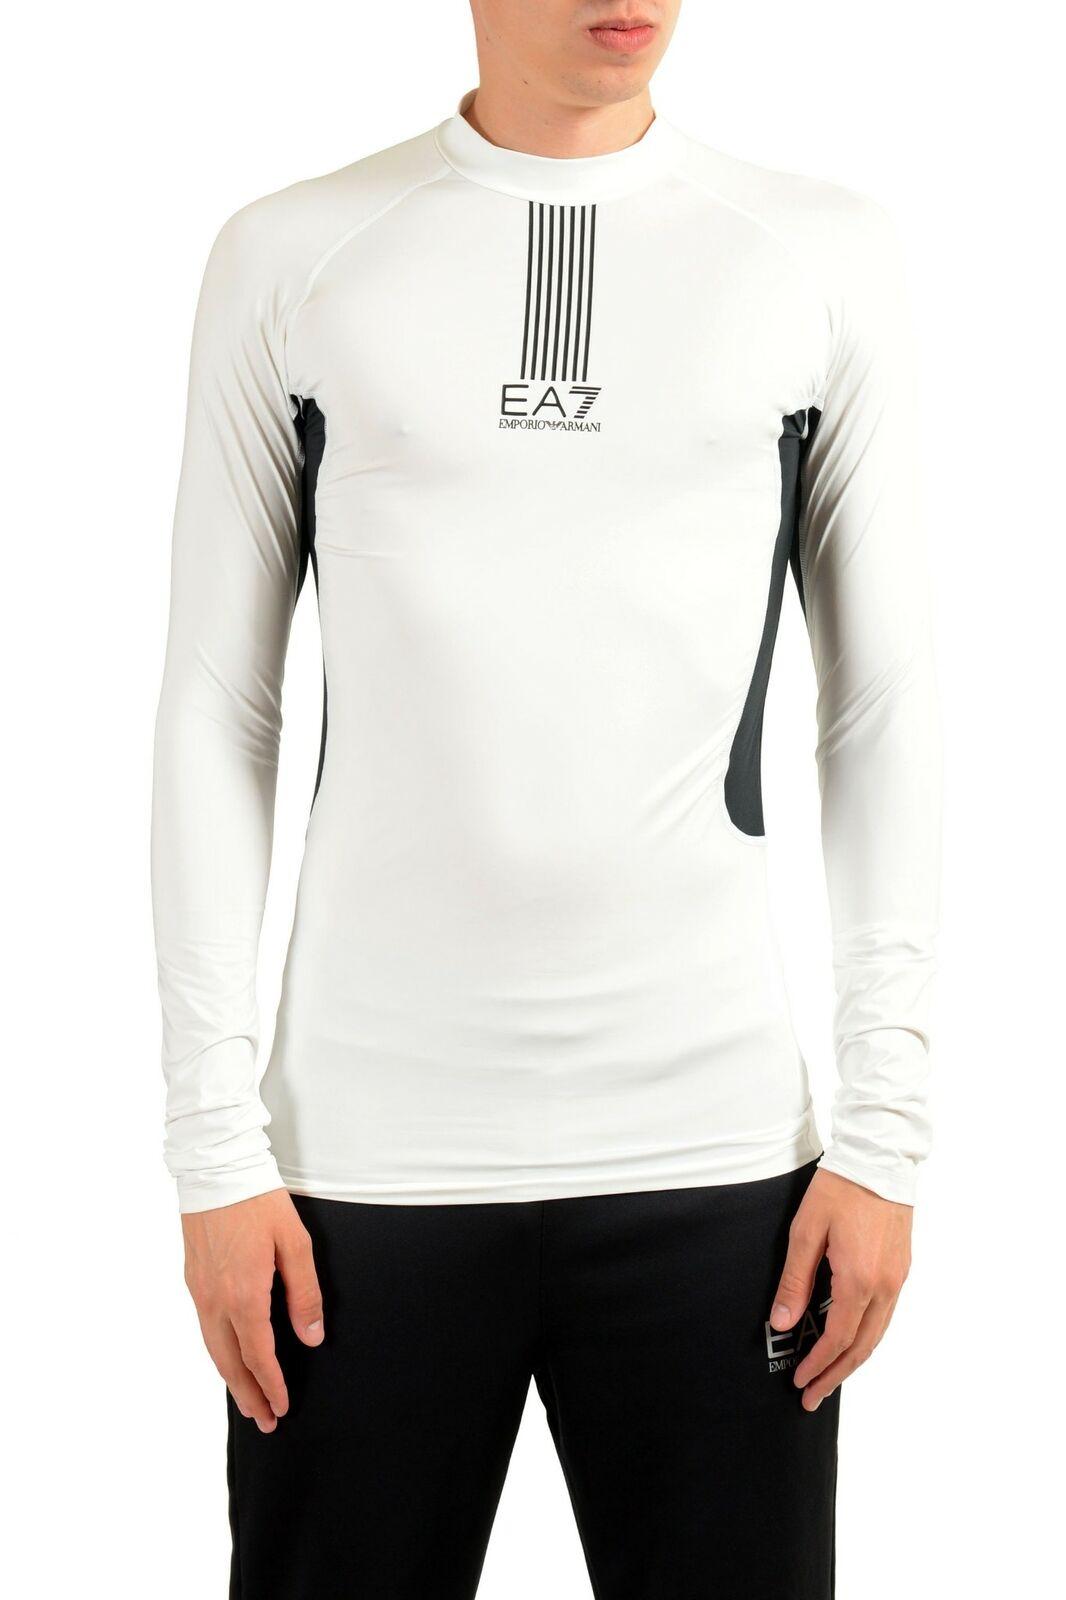 """Emporio Armani EA7 """"Tech M"""" para hombre blancoo  Cuello Alto Manga Larga T-shirt Tamaño L XL  compras en linea"""